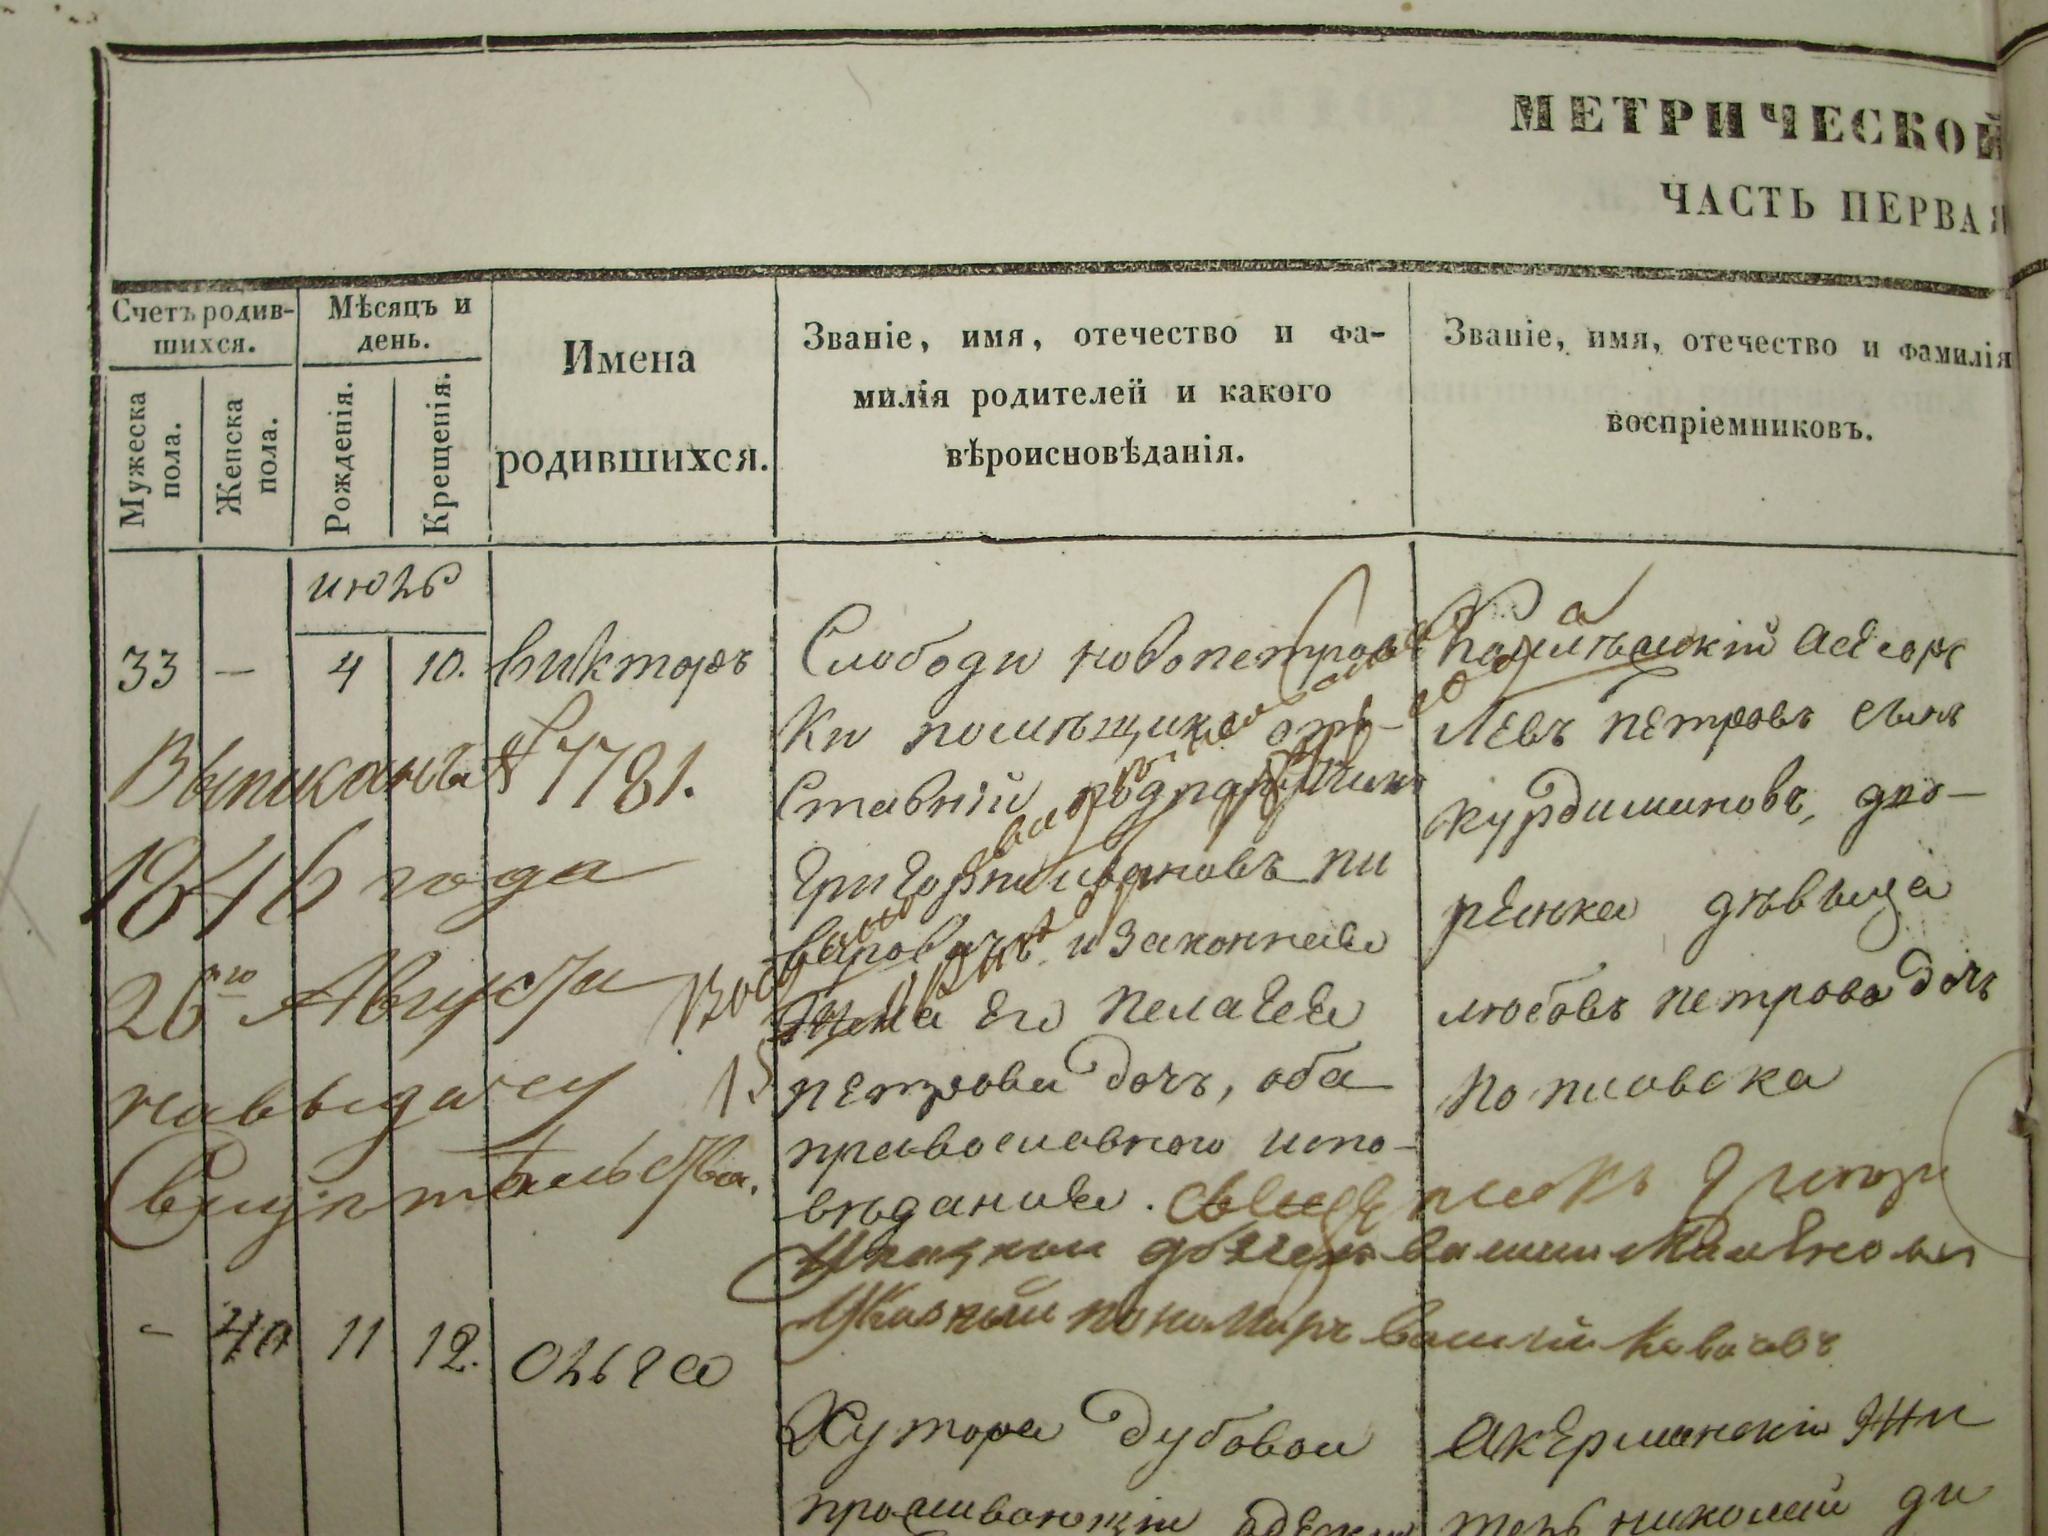 http://rodovoyegnezdo.narod.ru/Kherson/Metrika_VGPivarovicha.jpg